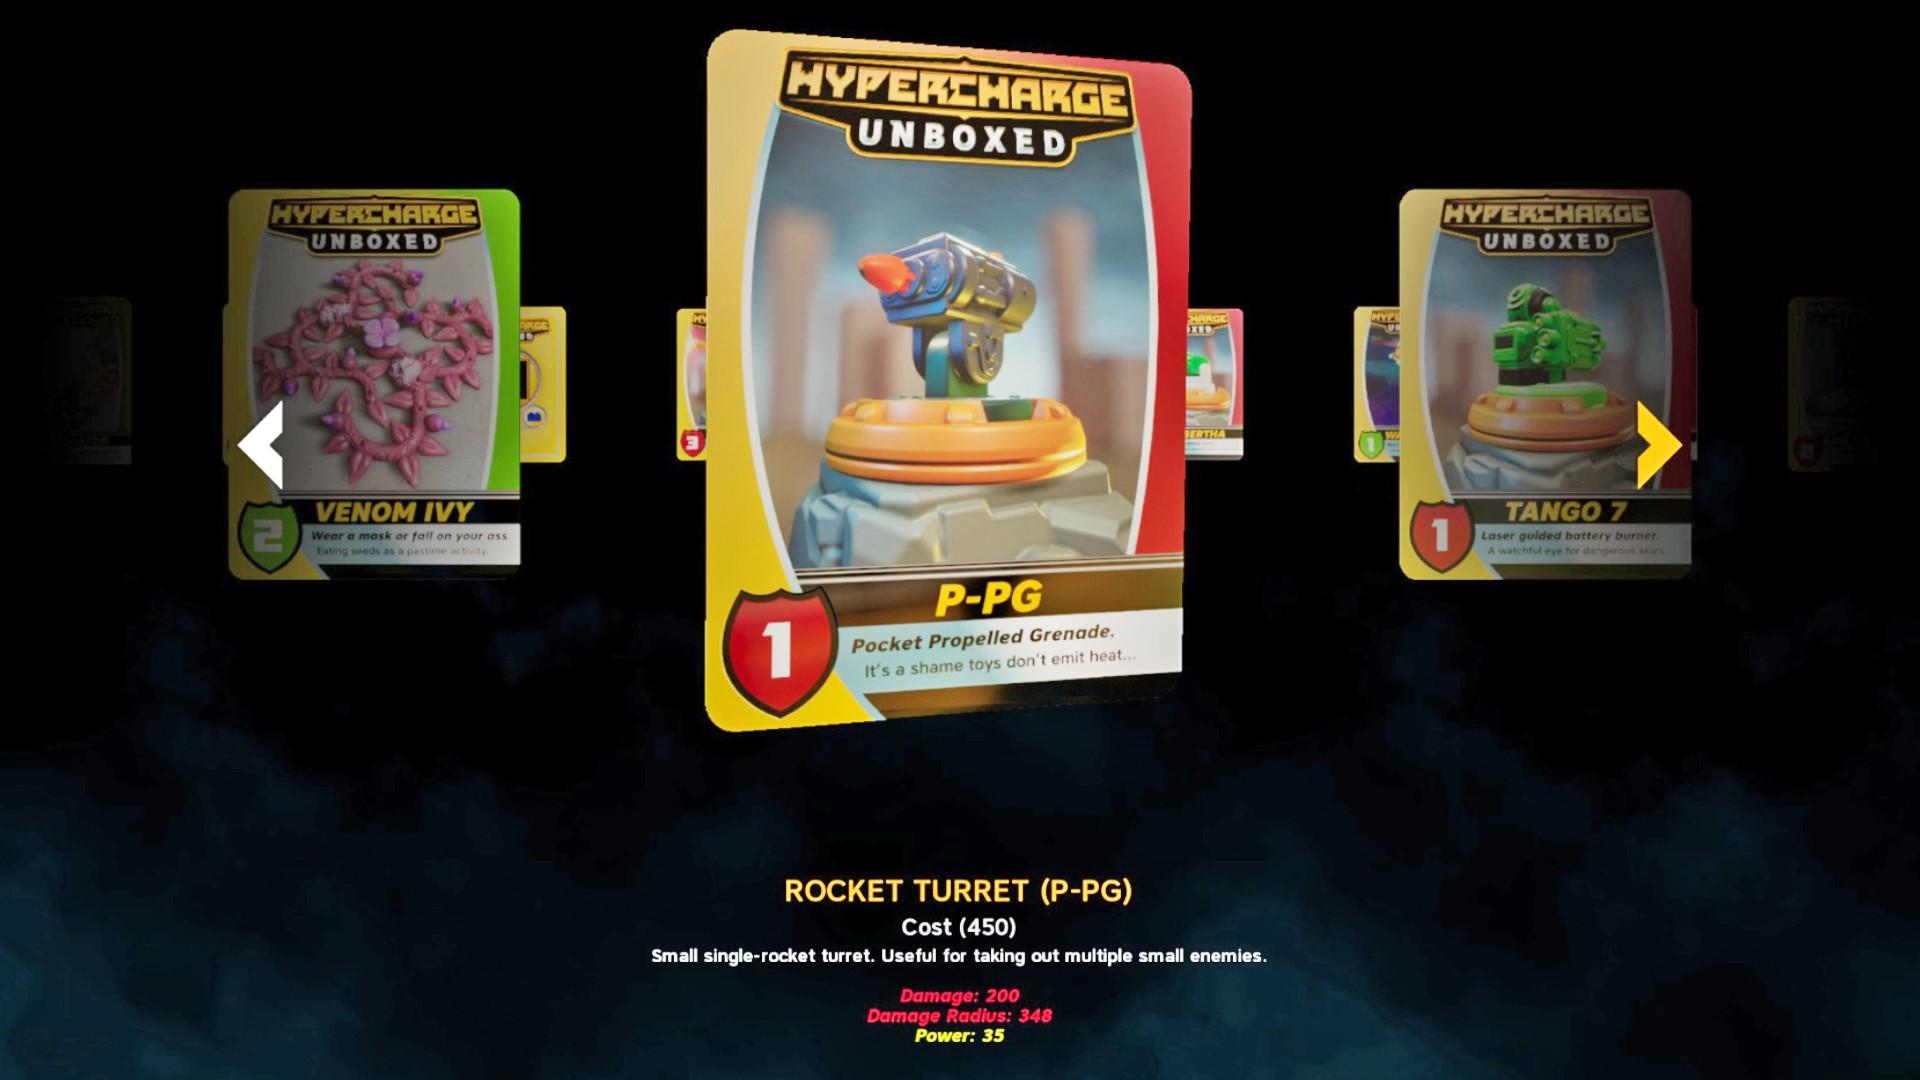 超级冲锋:开箱/HYPERCHARGE: Unboxed(v0.1.2341.323-周年版)插图7